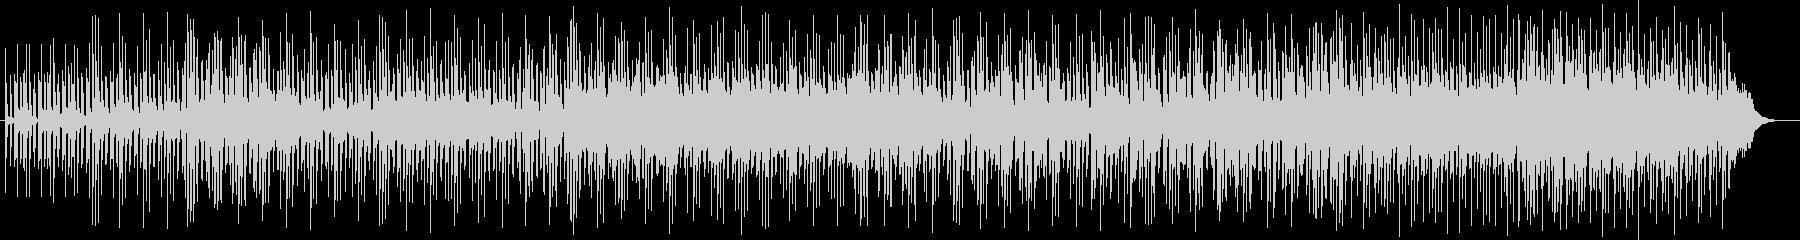 パーカッション中心のポップスの未再生の波形